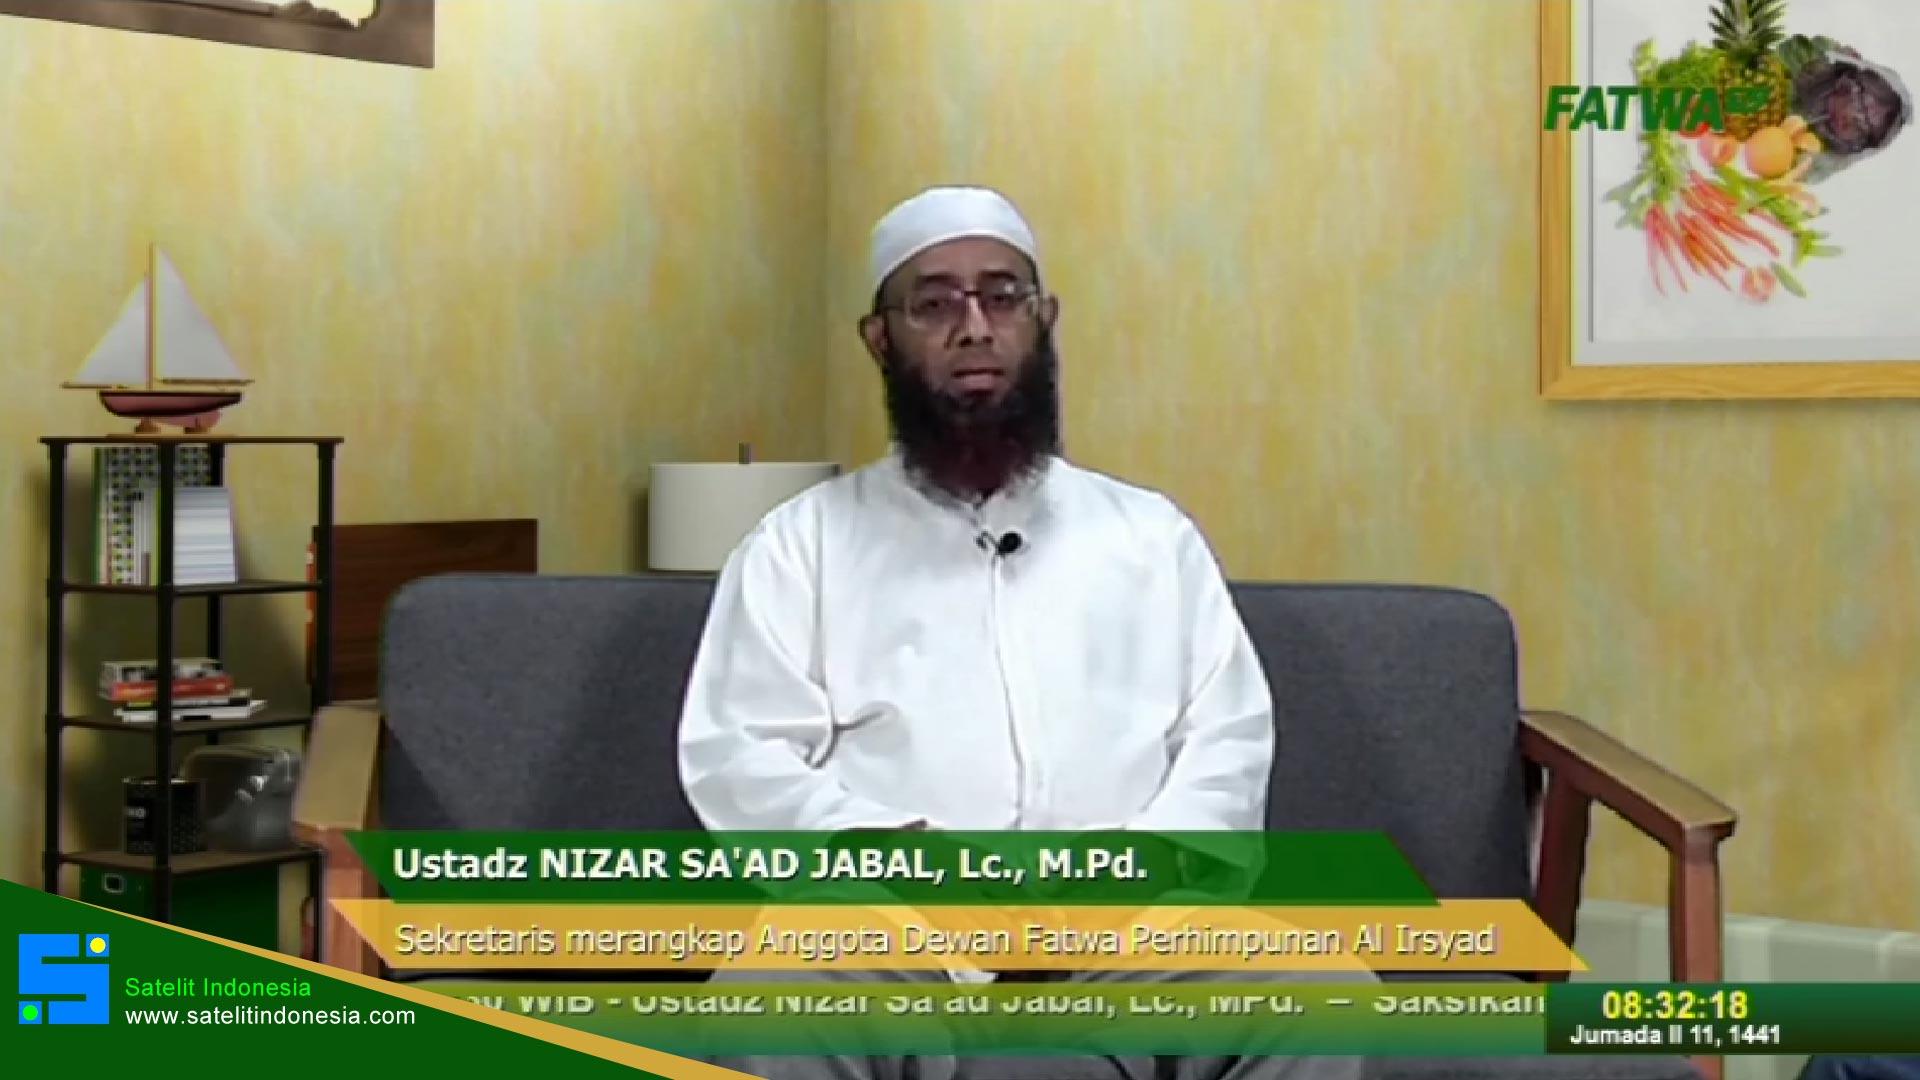 Frekuensi siaran Fatwa TV di satelit Telkom 4 Terbaru